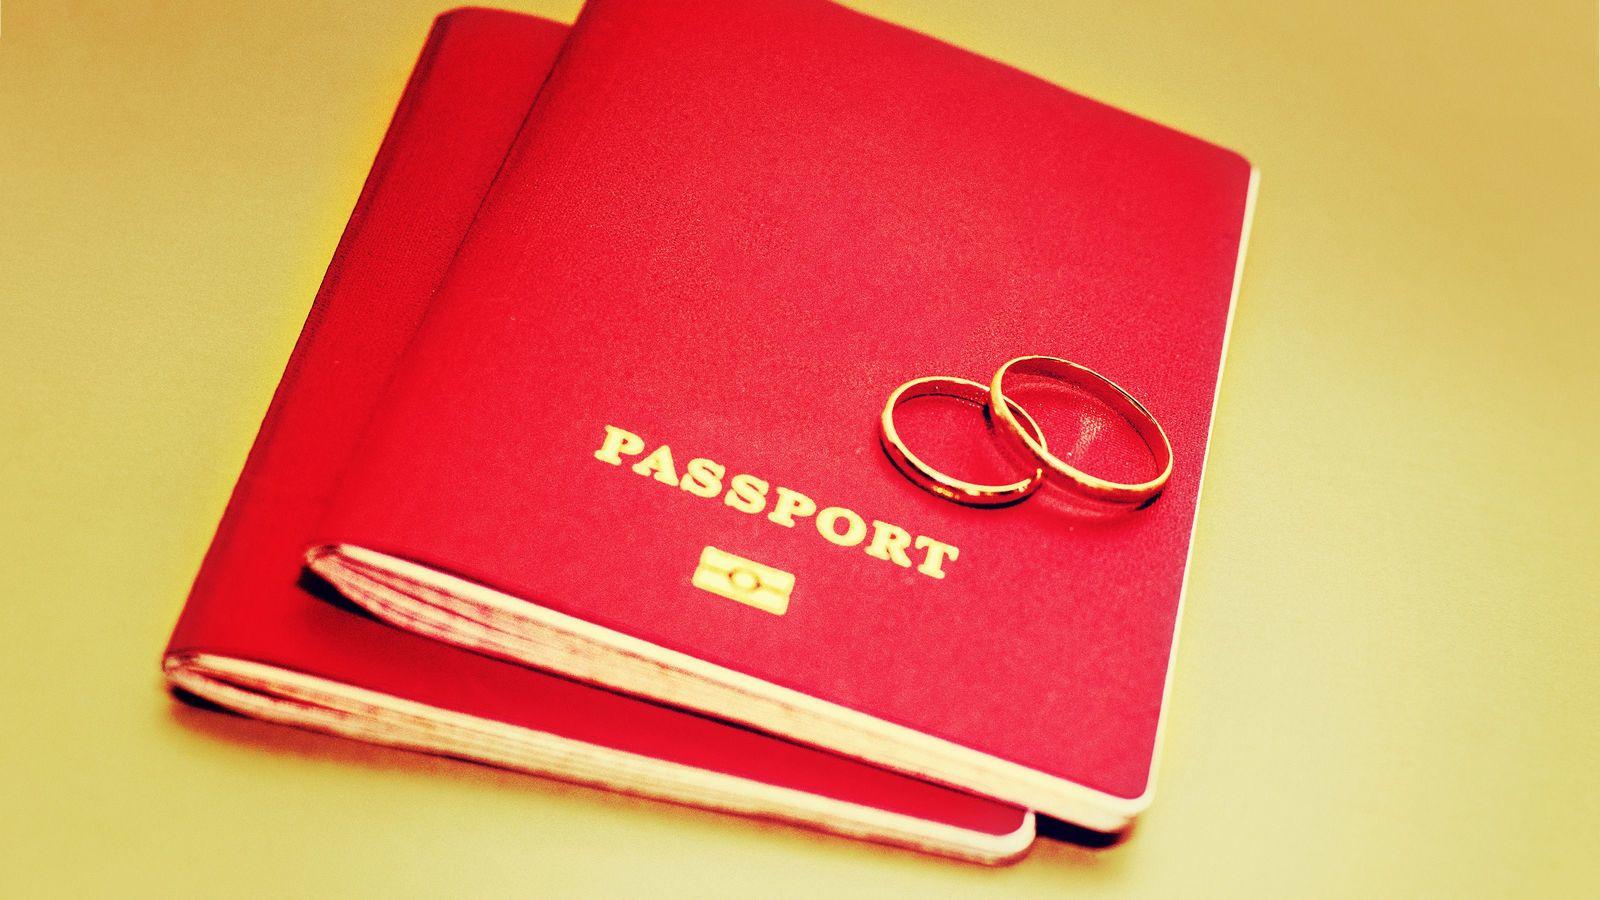 「資産家シニア」が外国人妻に求める結婚の条件 「子づくりに協力」で契約書を交わす